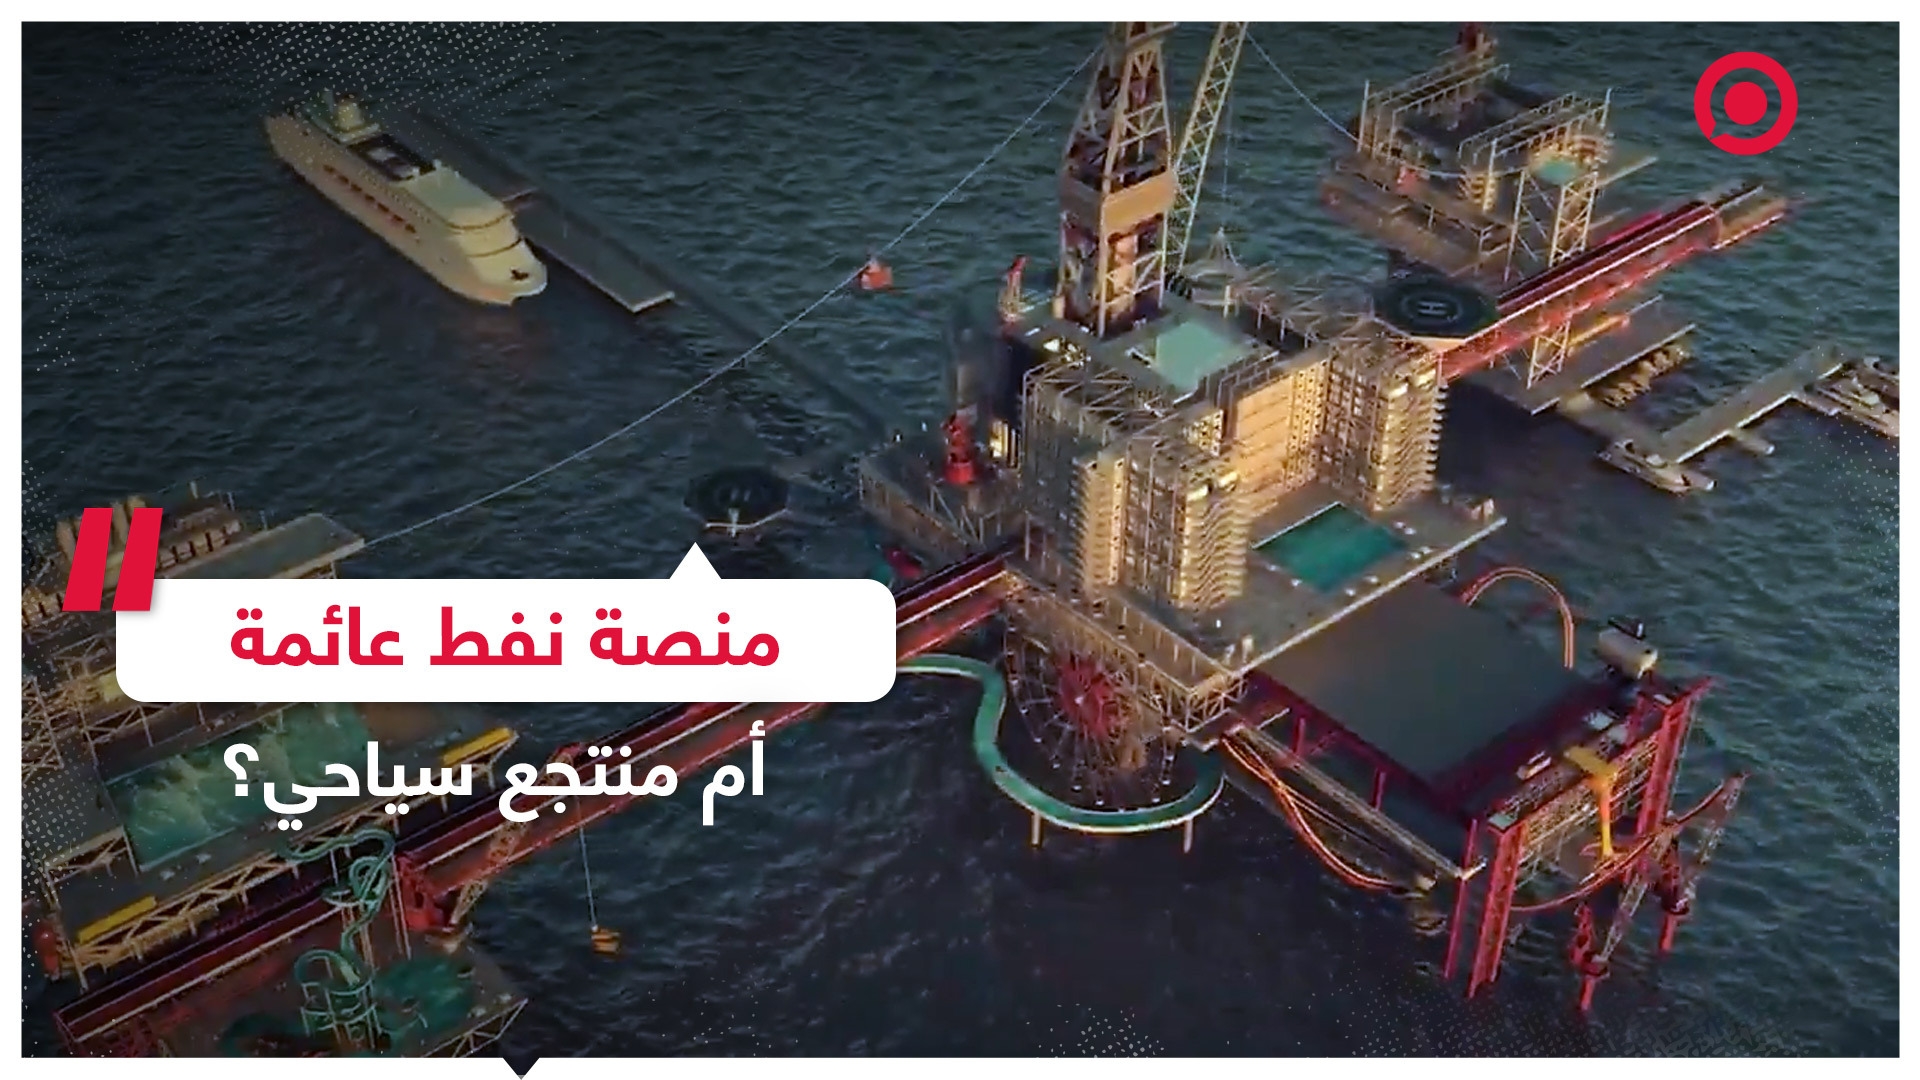 #السعودية #سياحة #الخليج #نفط